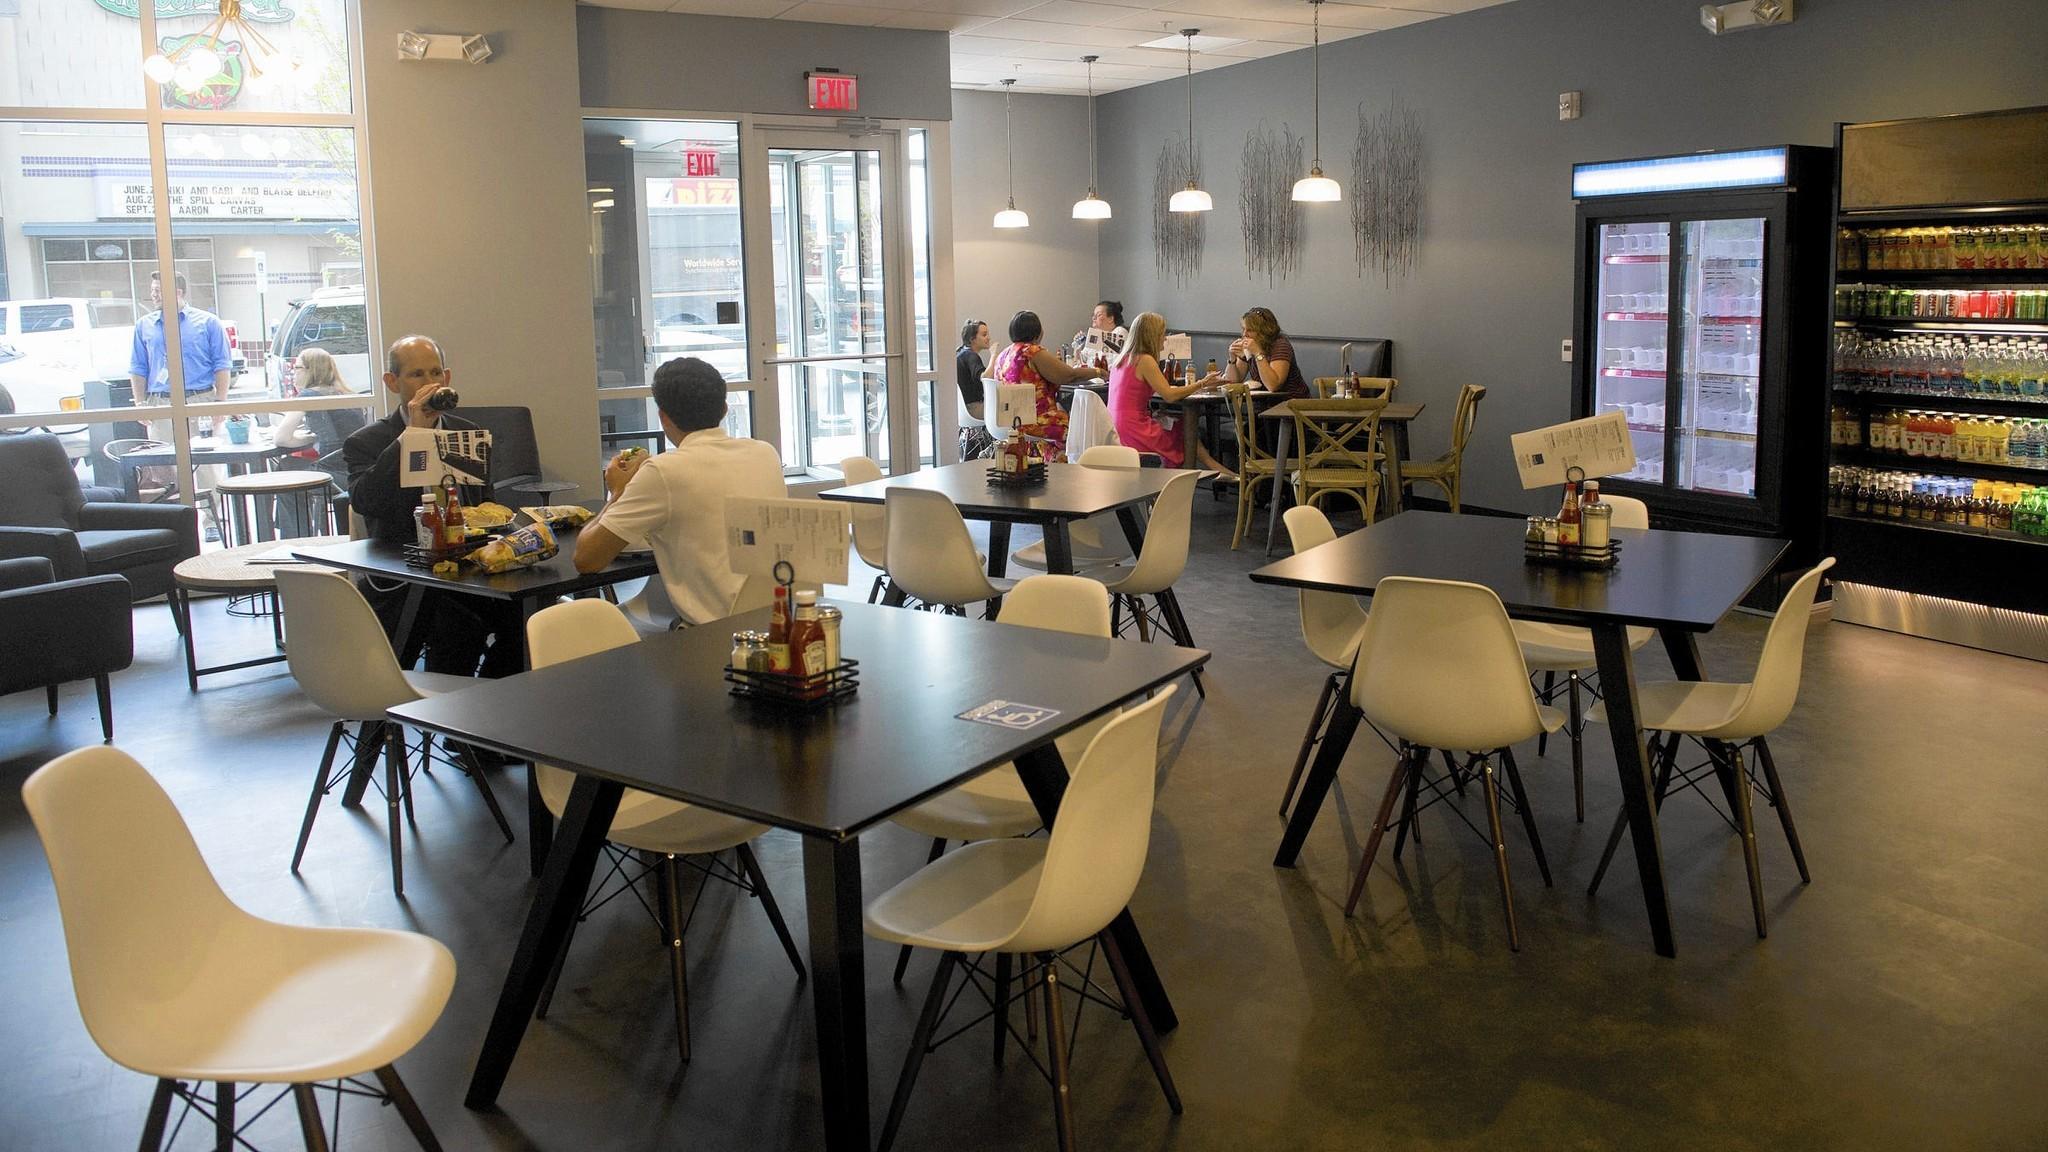 Nosh Opens On First Floor Of Three City Center In Allentown